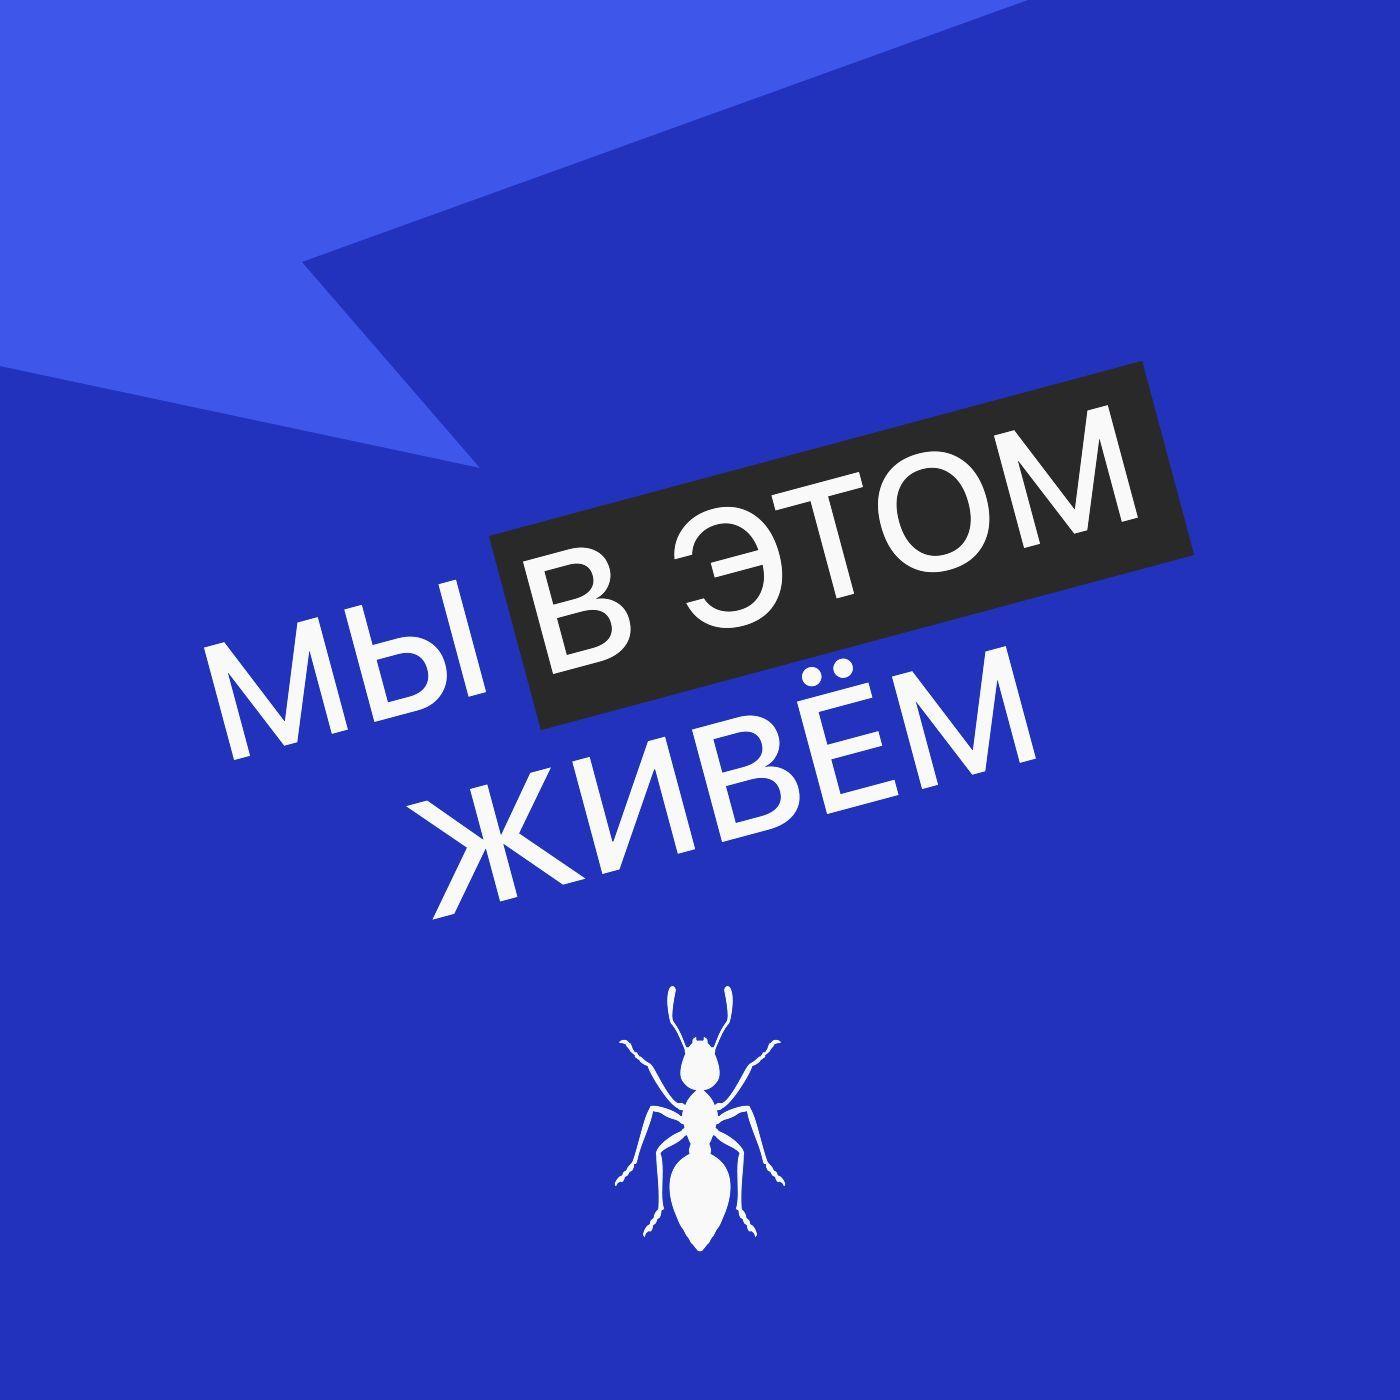 Творческий коллектив Mojomedia Выпуск № 26 сезон 2 Лай, вой, и.т.д. микрозим септи трит в новосибирске